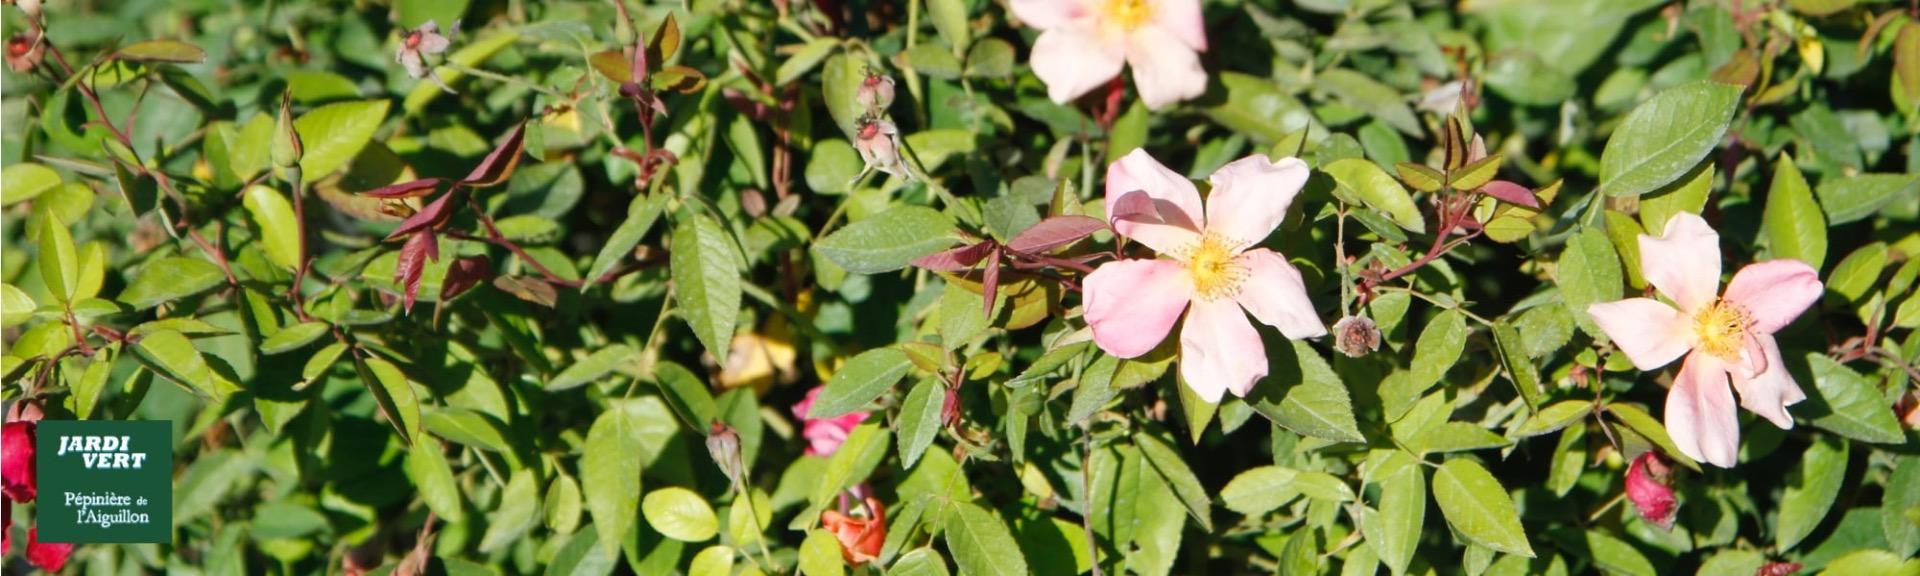 Vente de rosier multicolore buissonnants et rustiques - jardinerie de l'Aiguillon 31 Haute Garonne